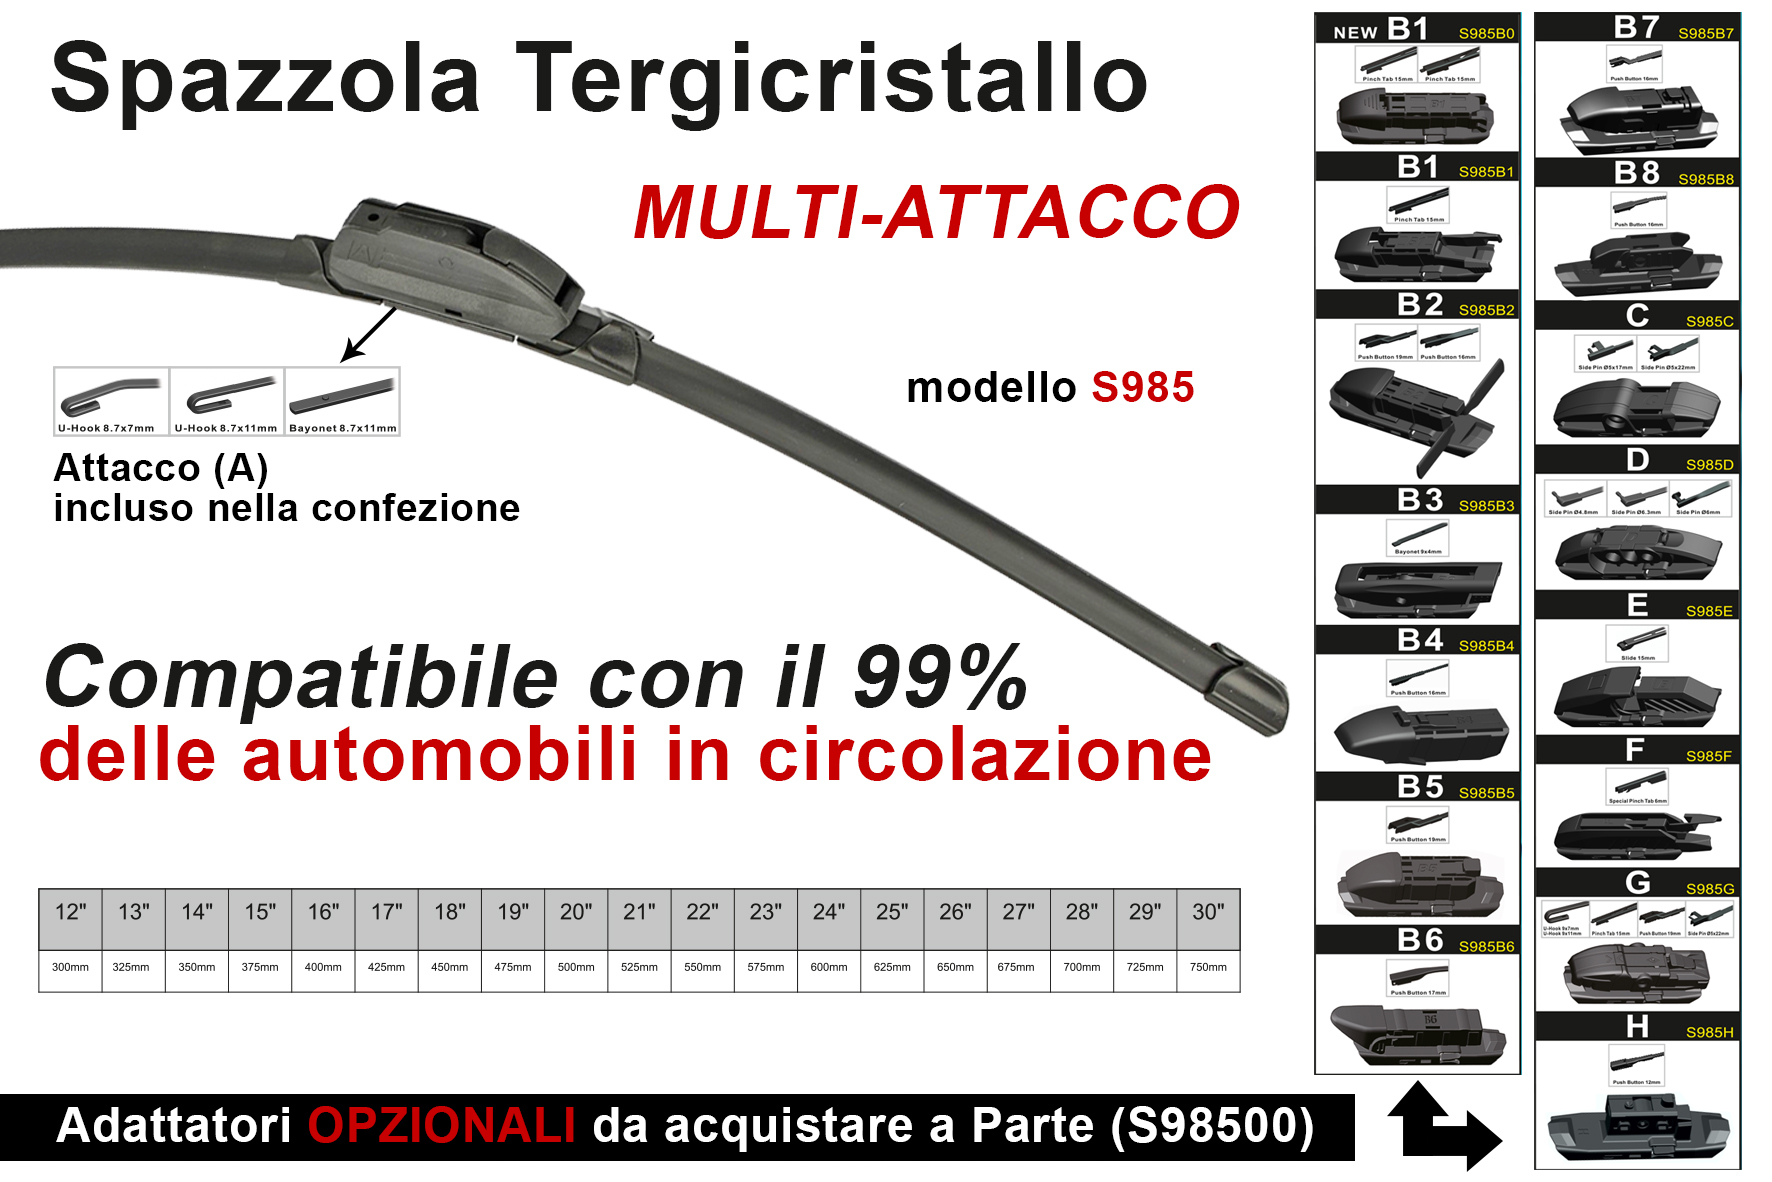 Spazzola Tergicristallo Auto Universale S985 23`` 575mm Carall 16 Attacchi Opzionale - PZ